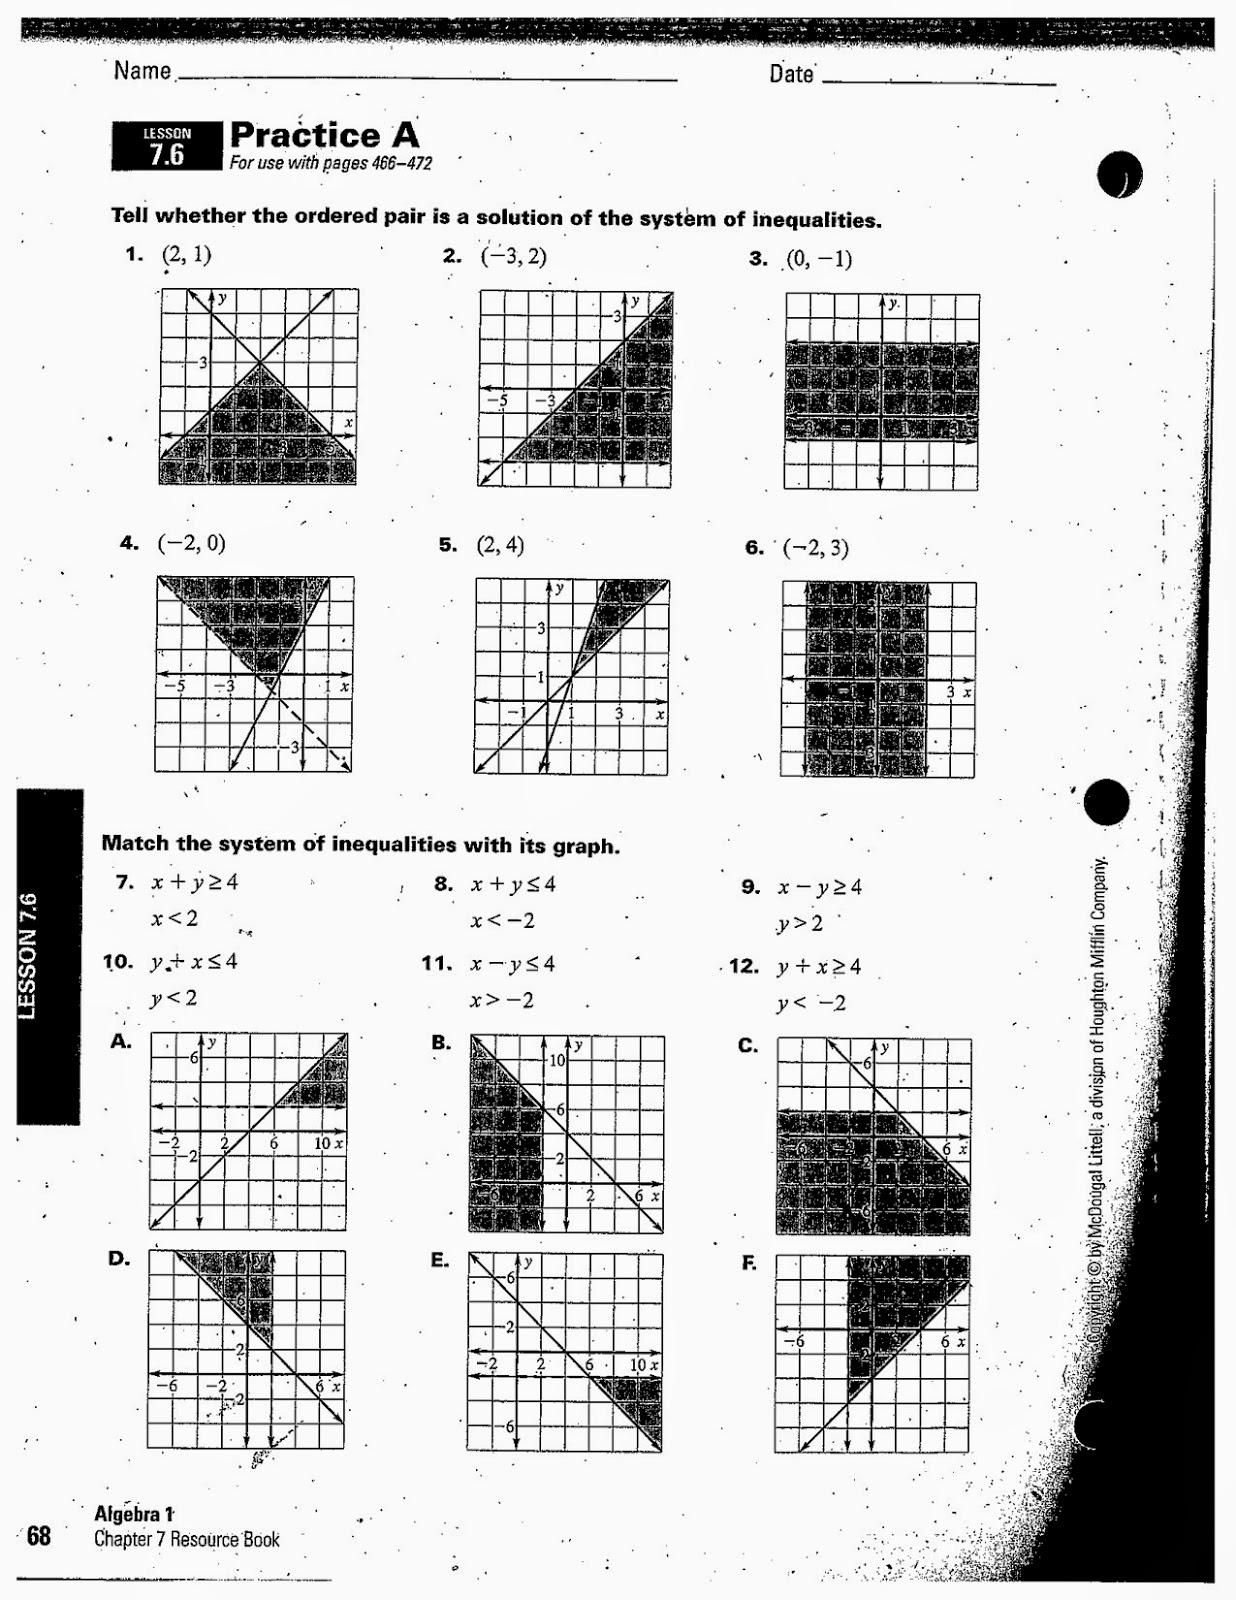 Heidemann 8th Grade Math: 6th Period Algebra 2/26